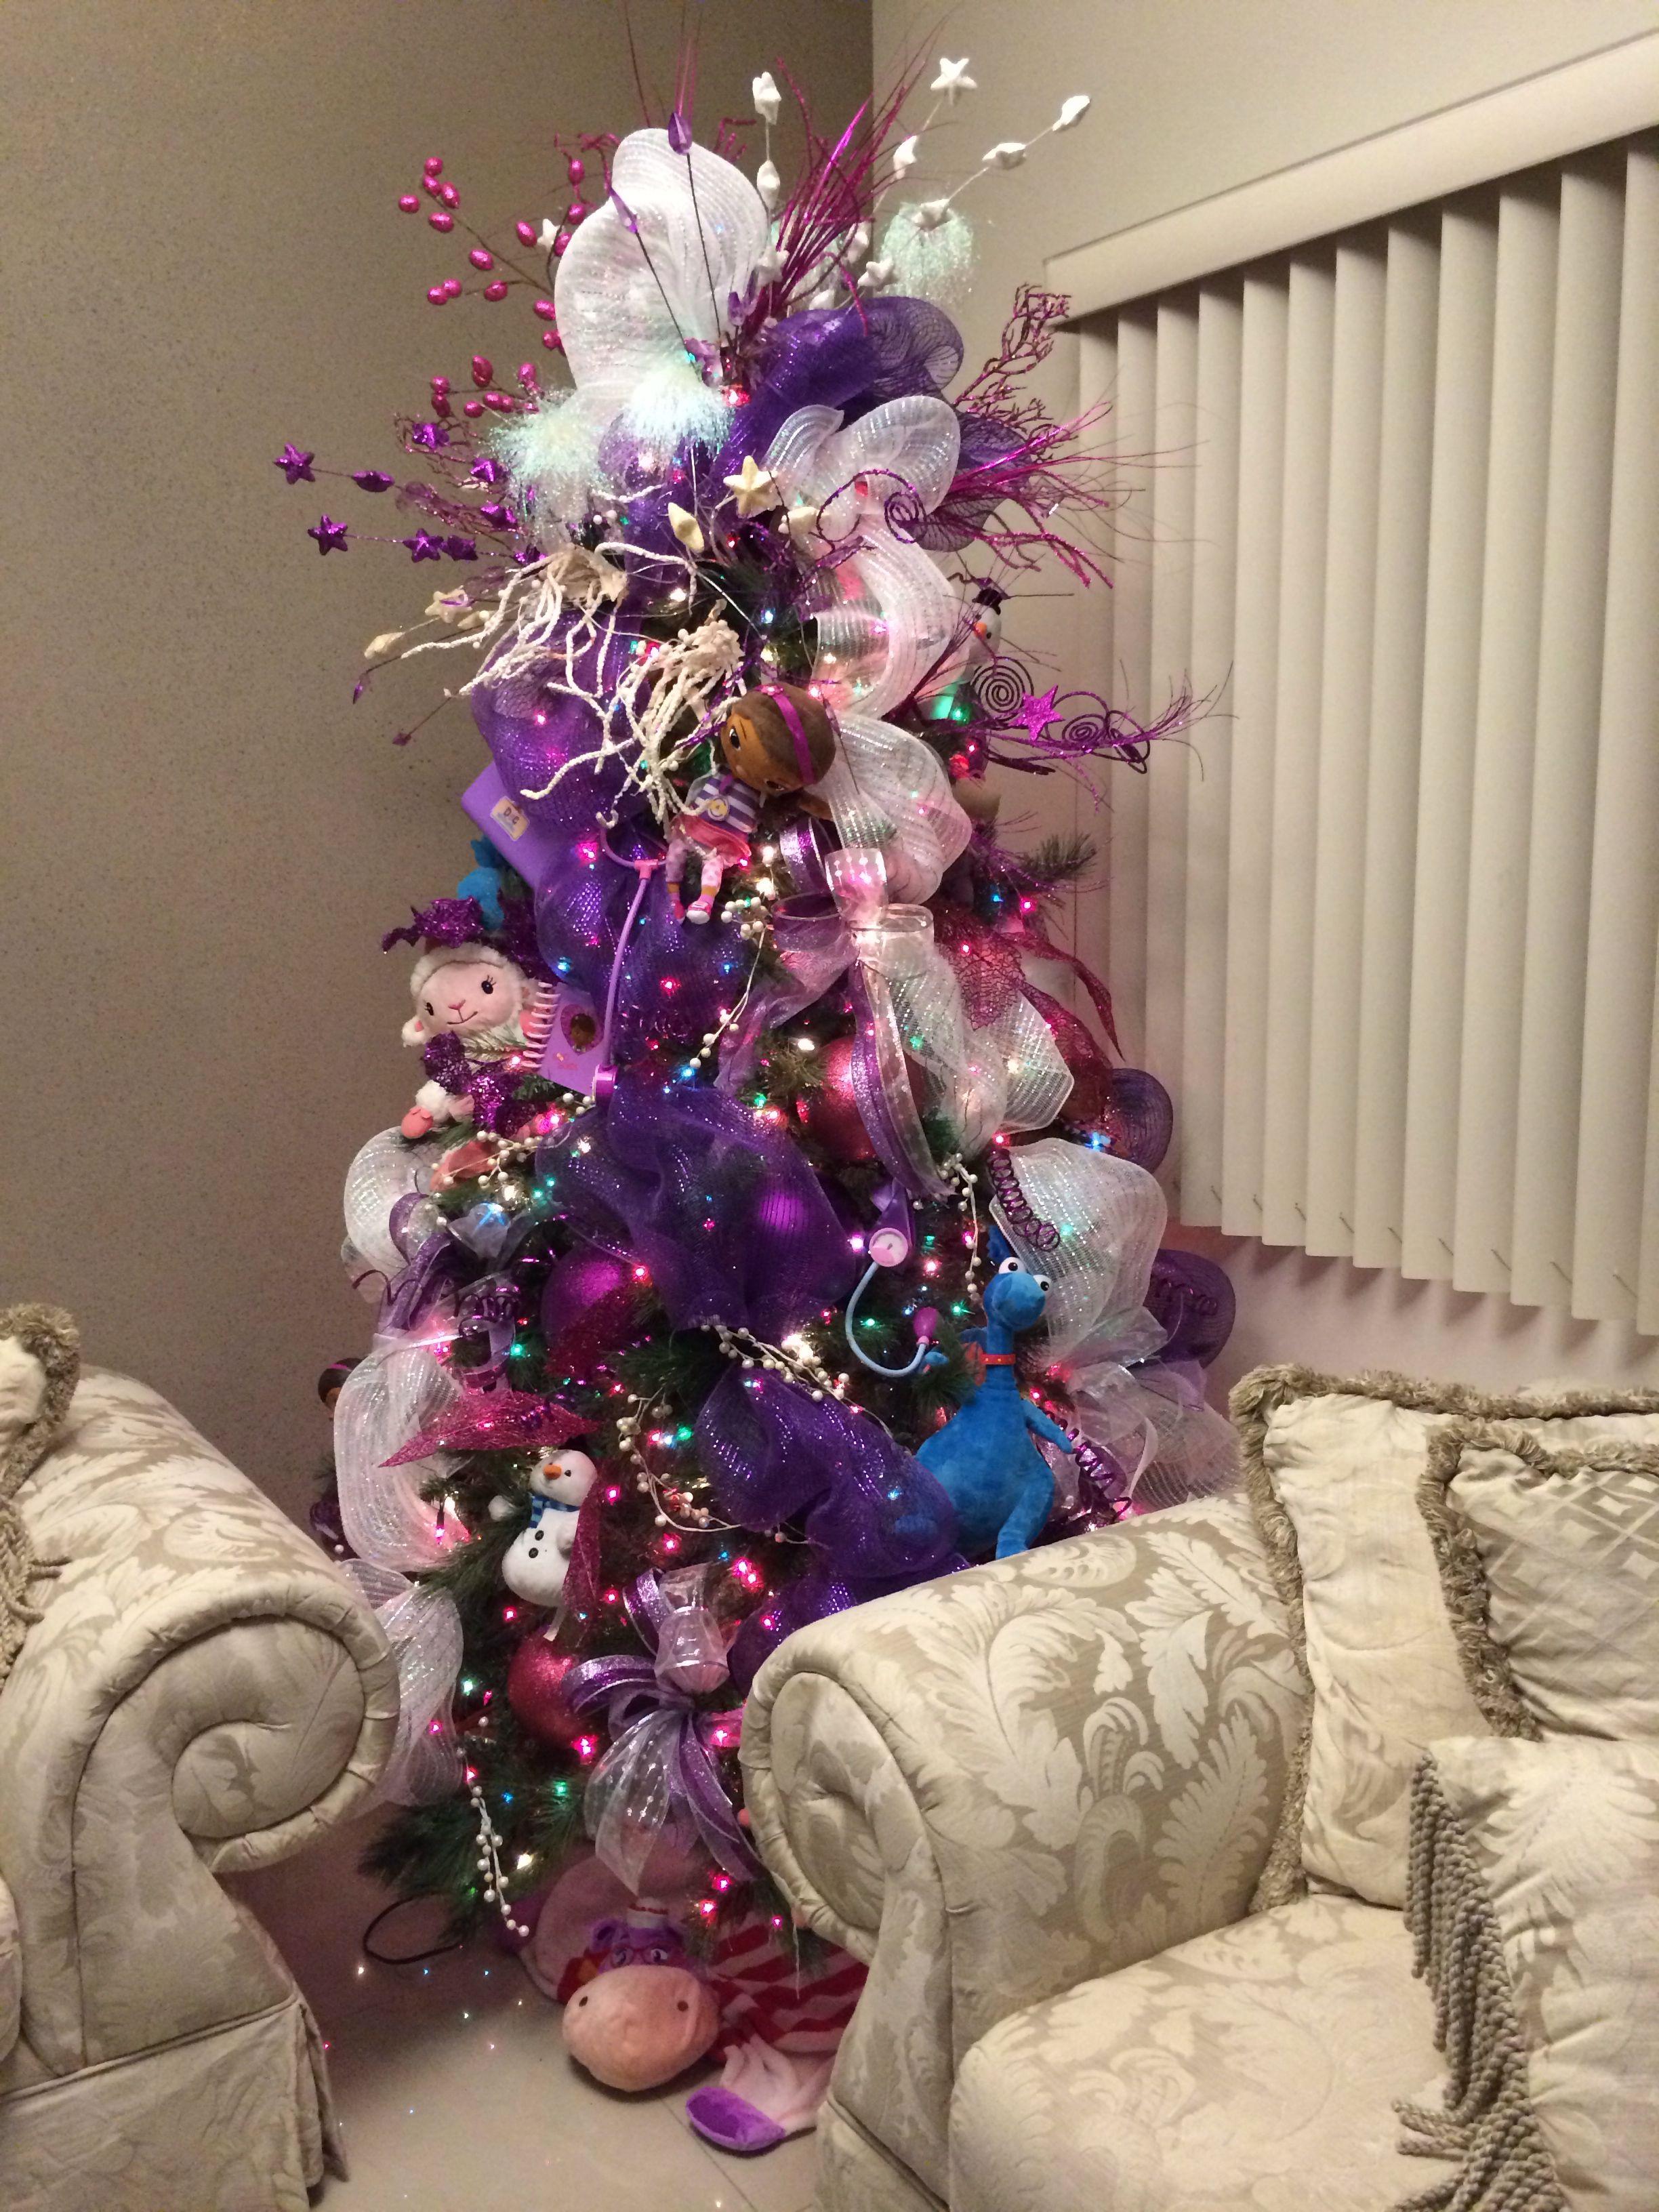 Pino de doctora juguetes decoracion con estilo navidad - Decoracion navidad moderna ...